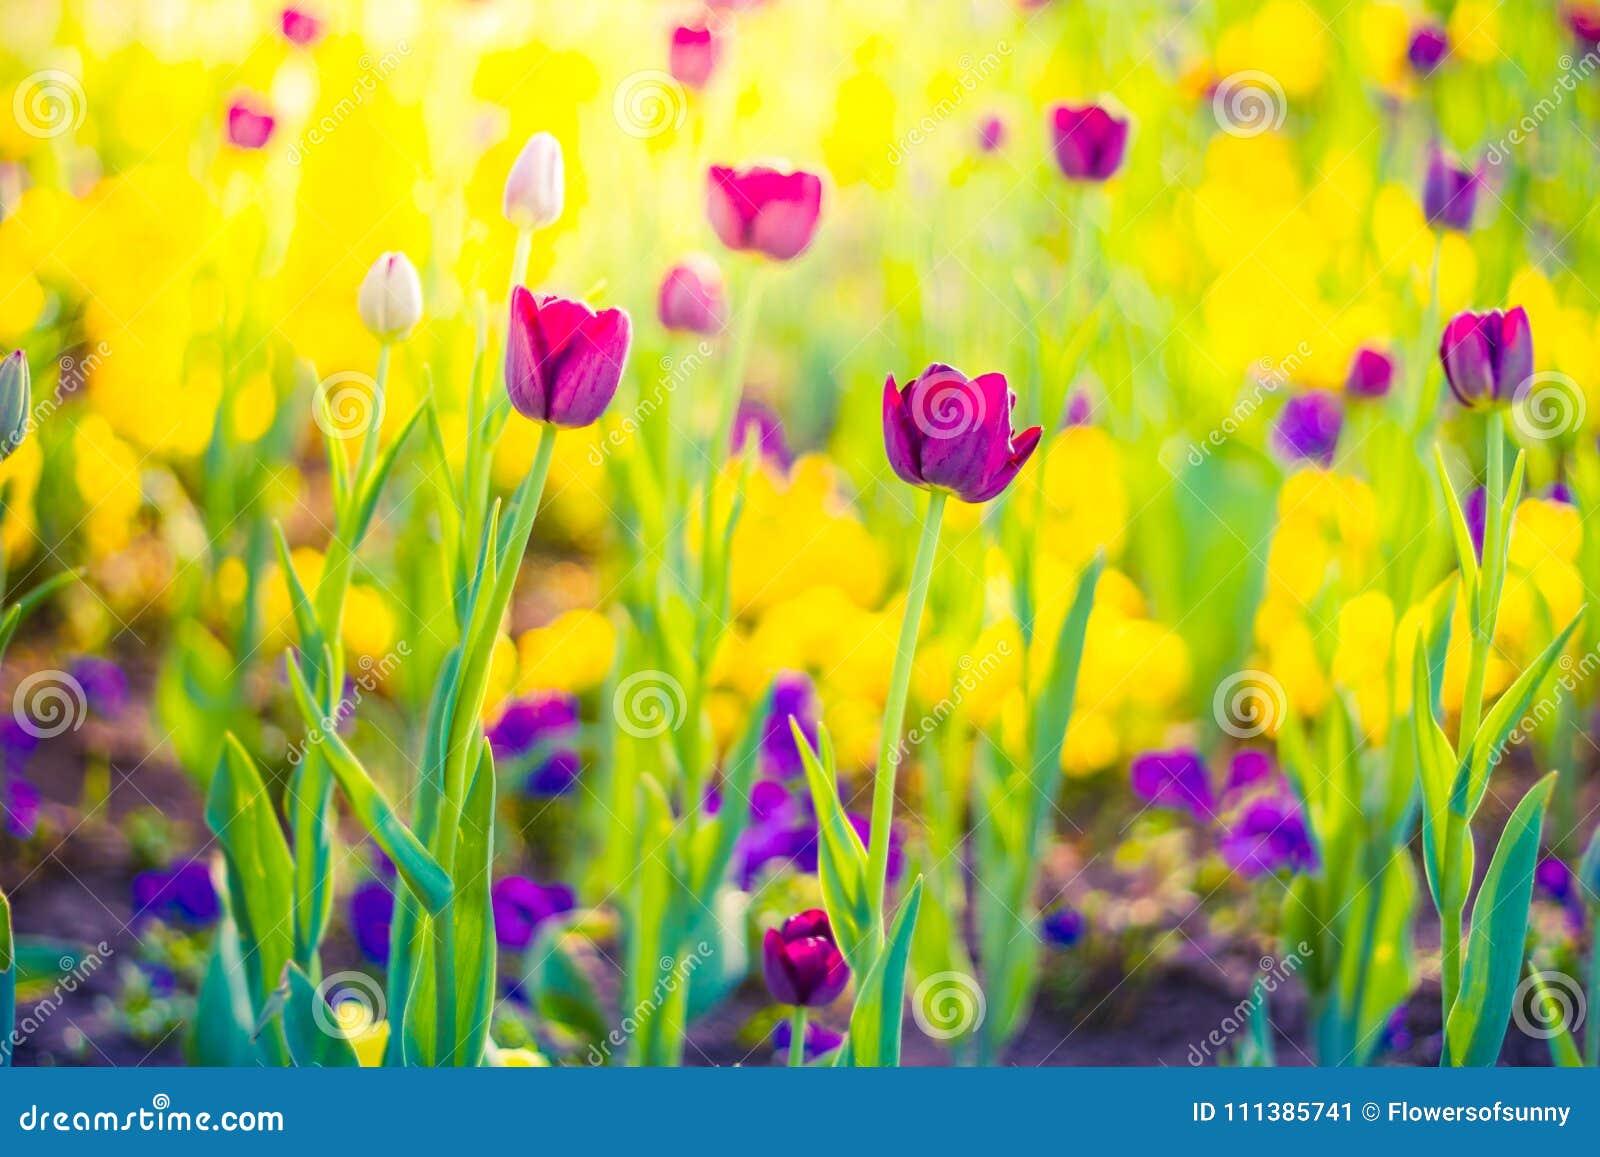 Ρόδινες τουλίπες, κινηματογράφηση σε πρώτο πλάνο λουλουδιών άνοιξη, θολωμένο υπόβαθρο και ζωηρόχρωμες λεπτομέρειες